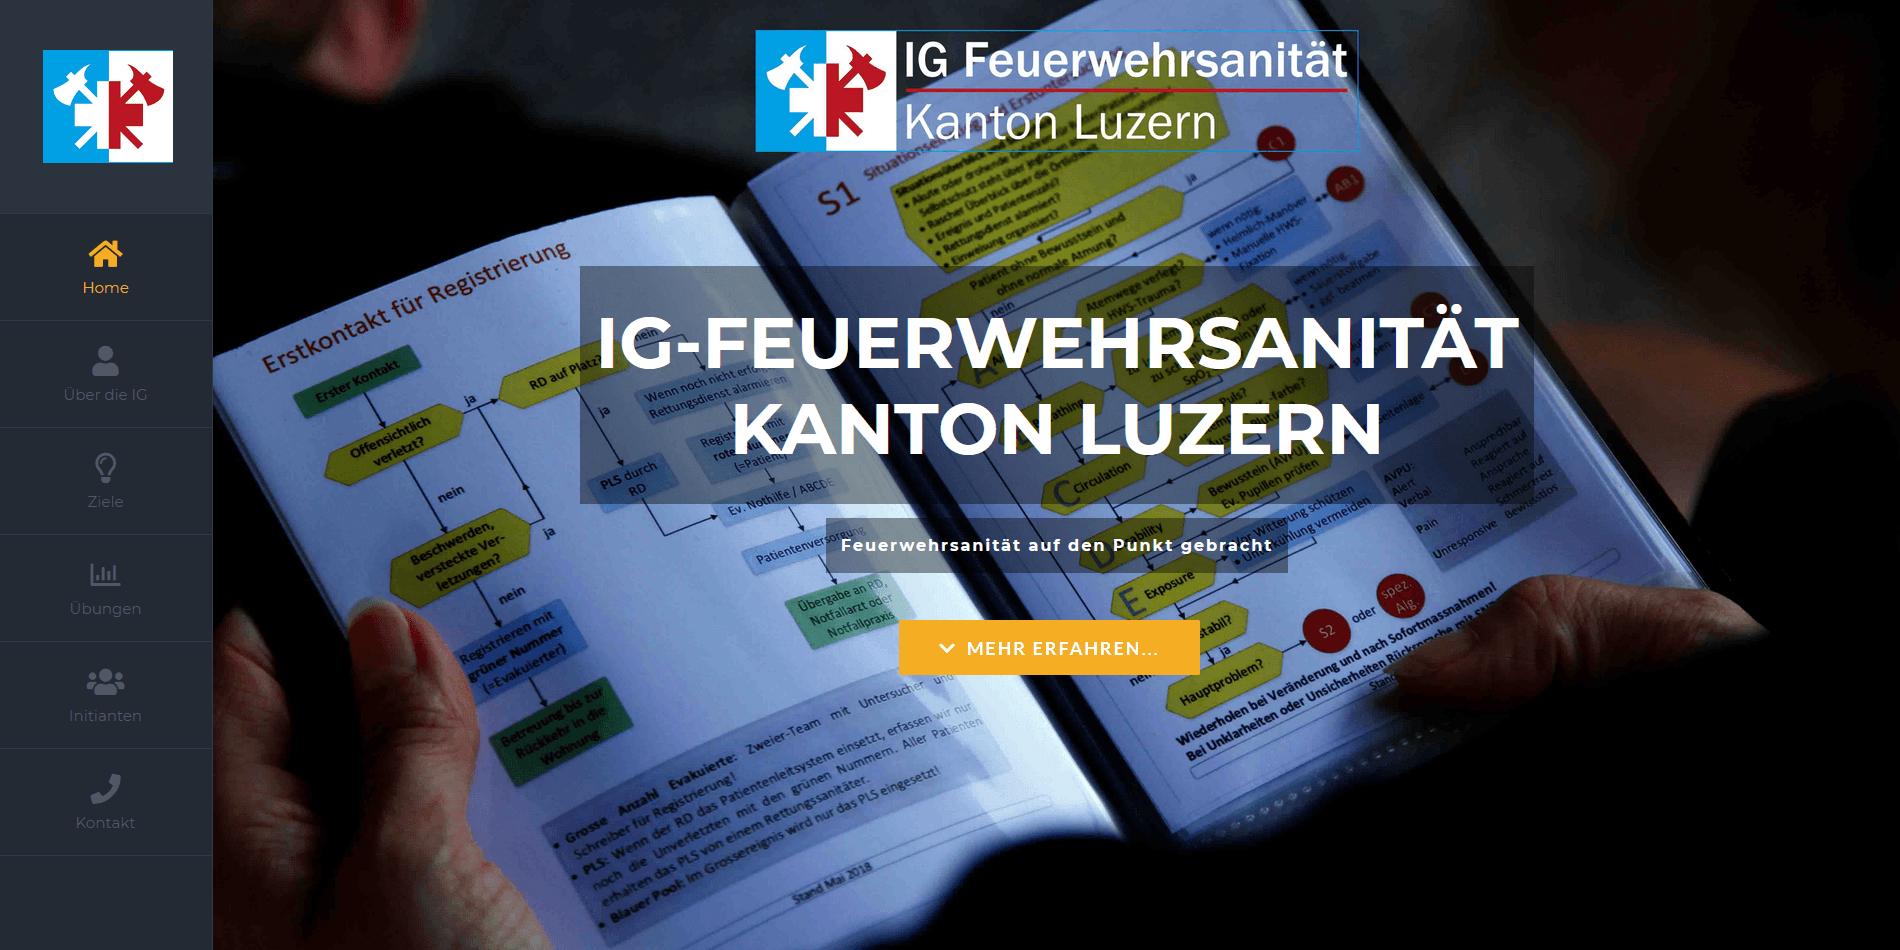 IG-Feuerwehrsanität Kanton Luzern